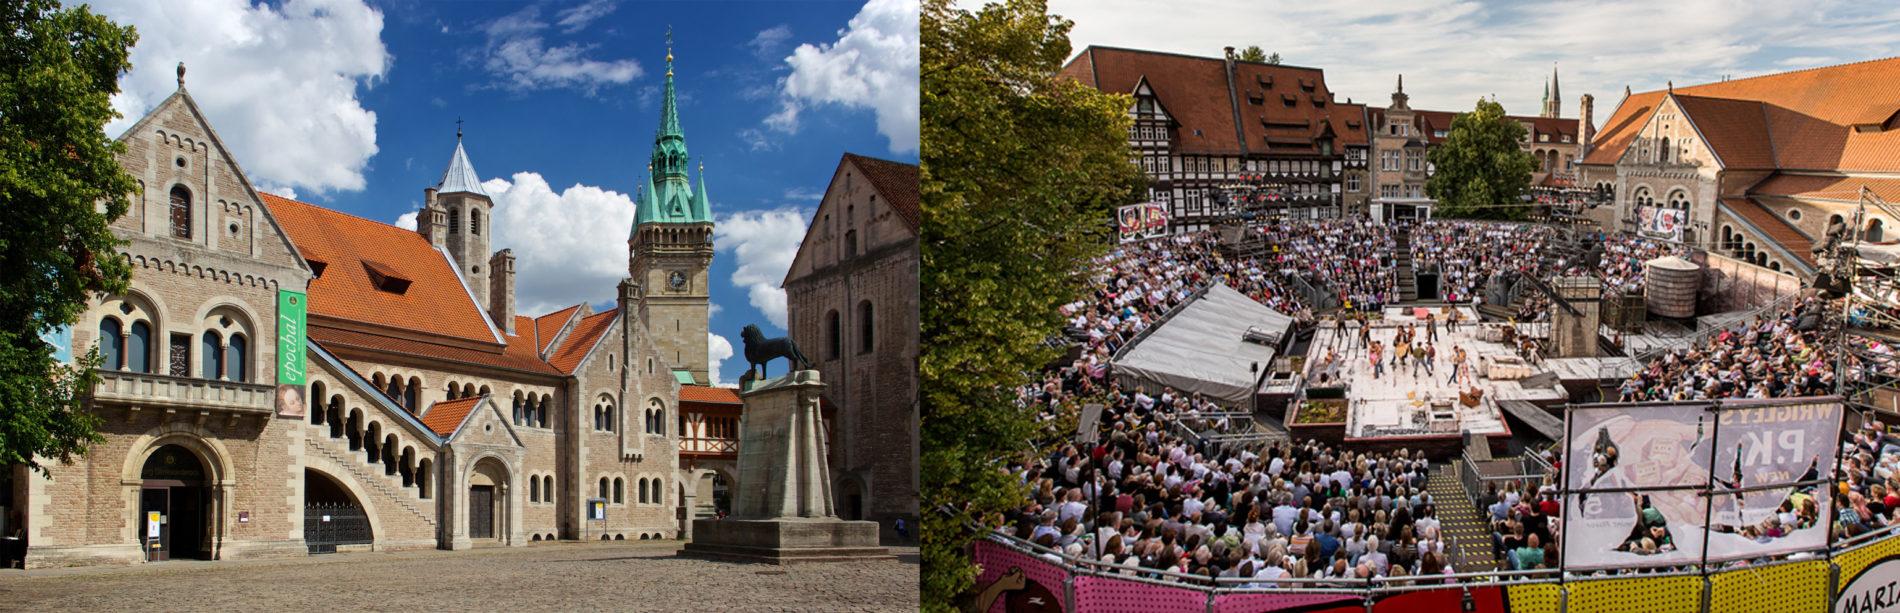 Der Burgplatz ohne und mit Arena. Fotos: Gerald Grote und Staatstheater